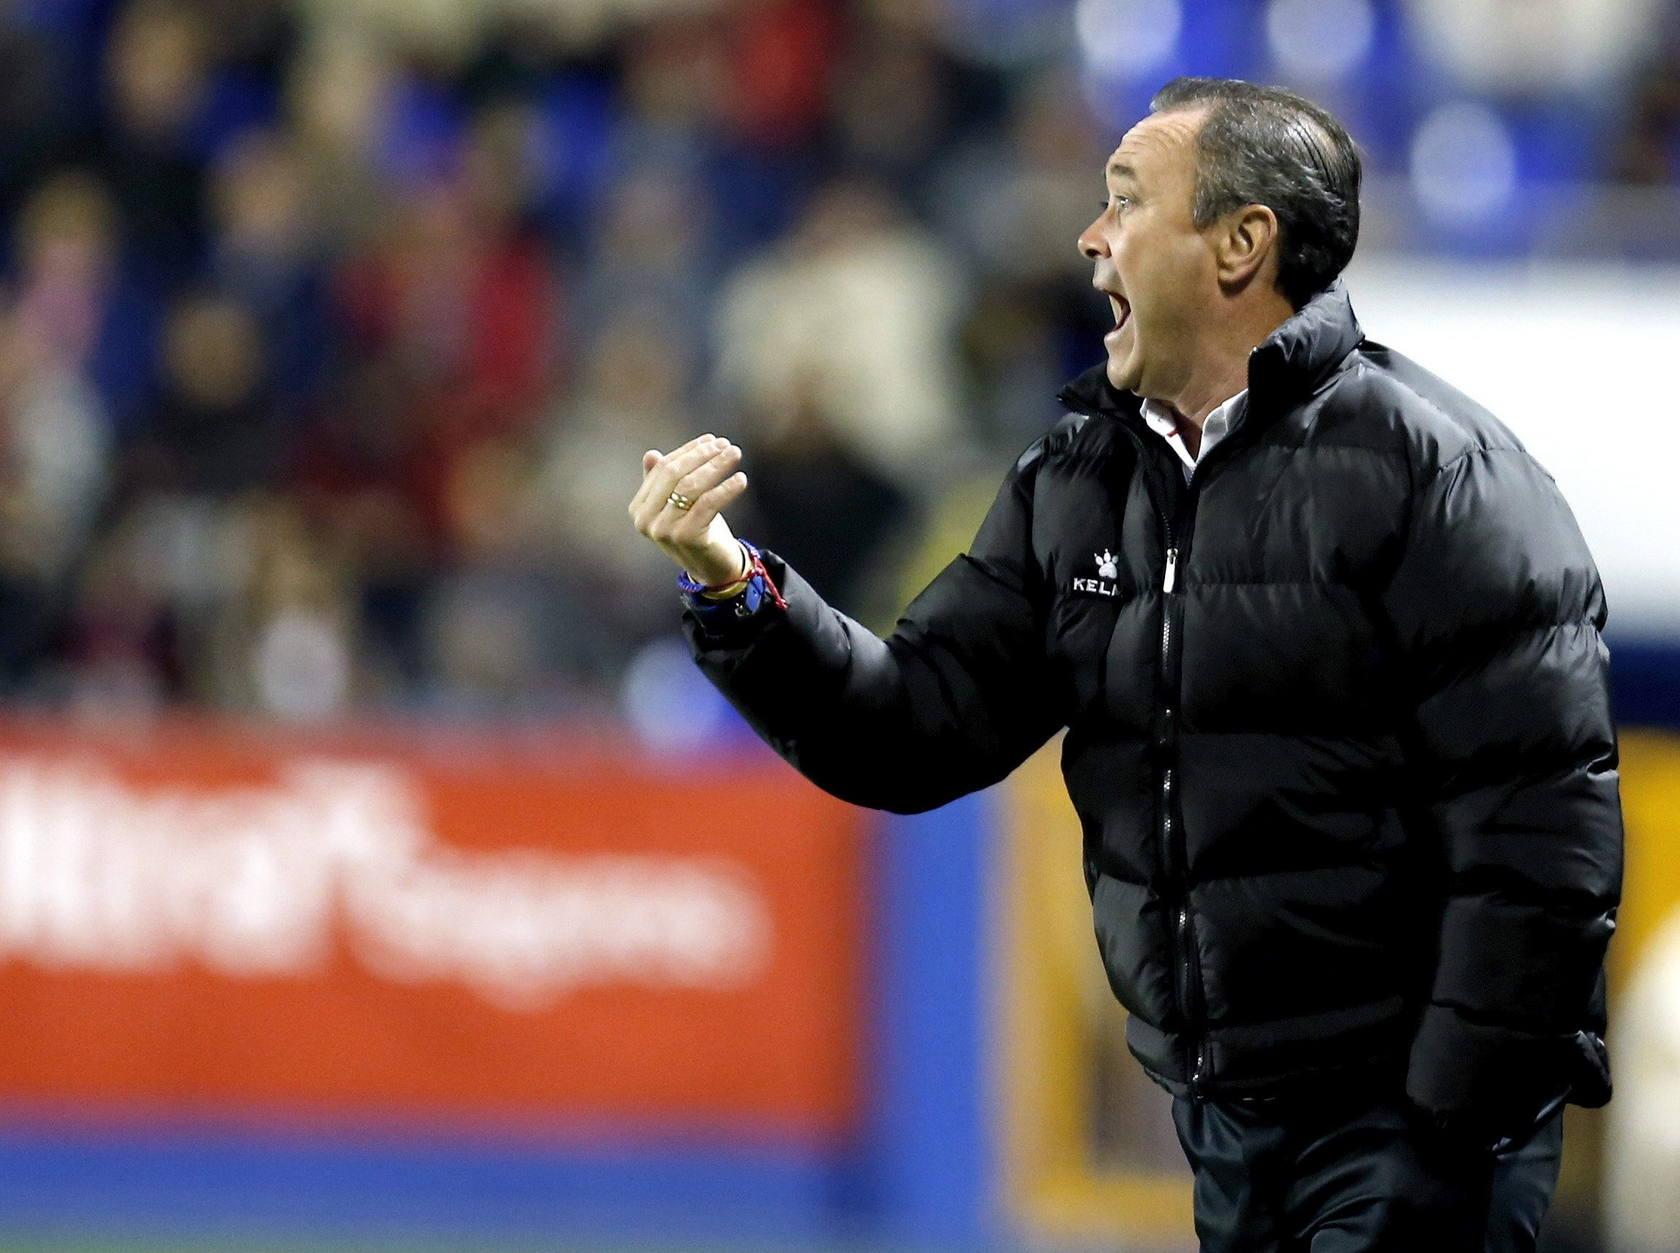 Partido entre Levante y Zaragoza de Copa del Rey